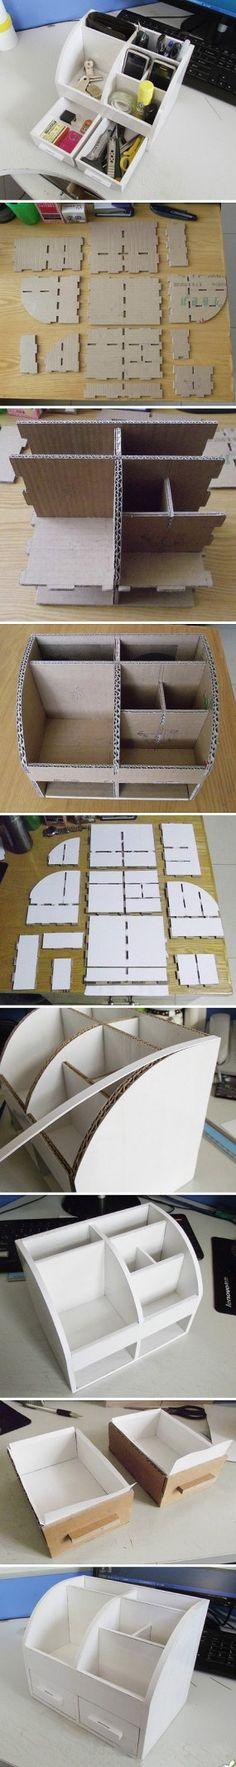 Make your own desk organizer